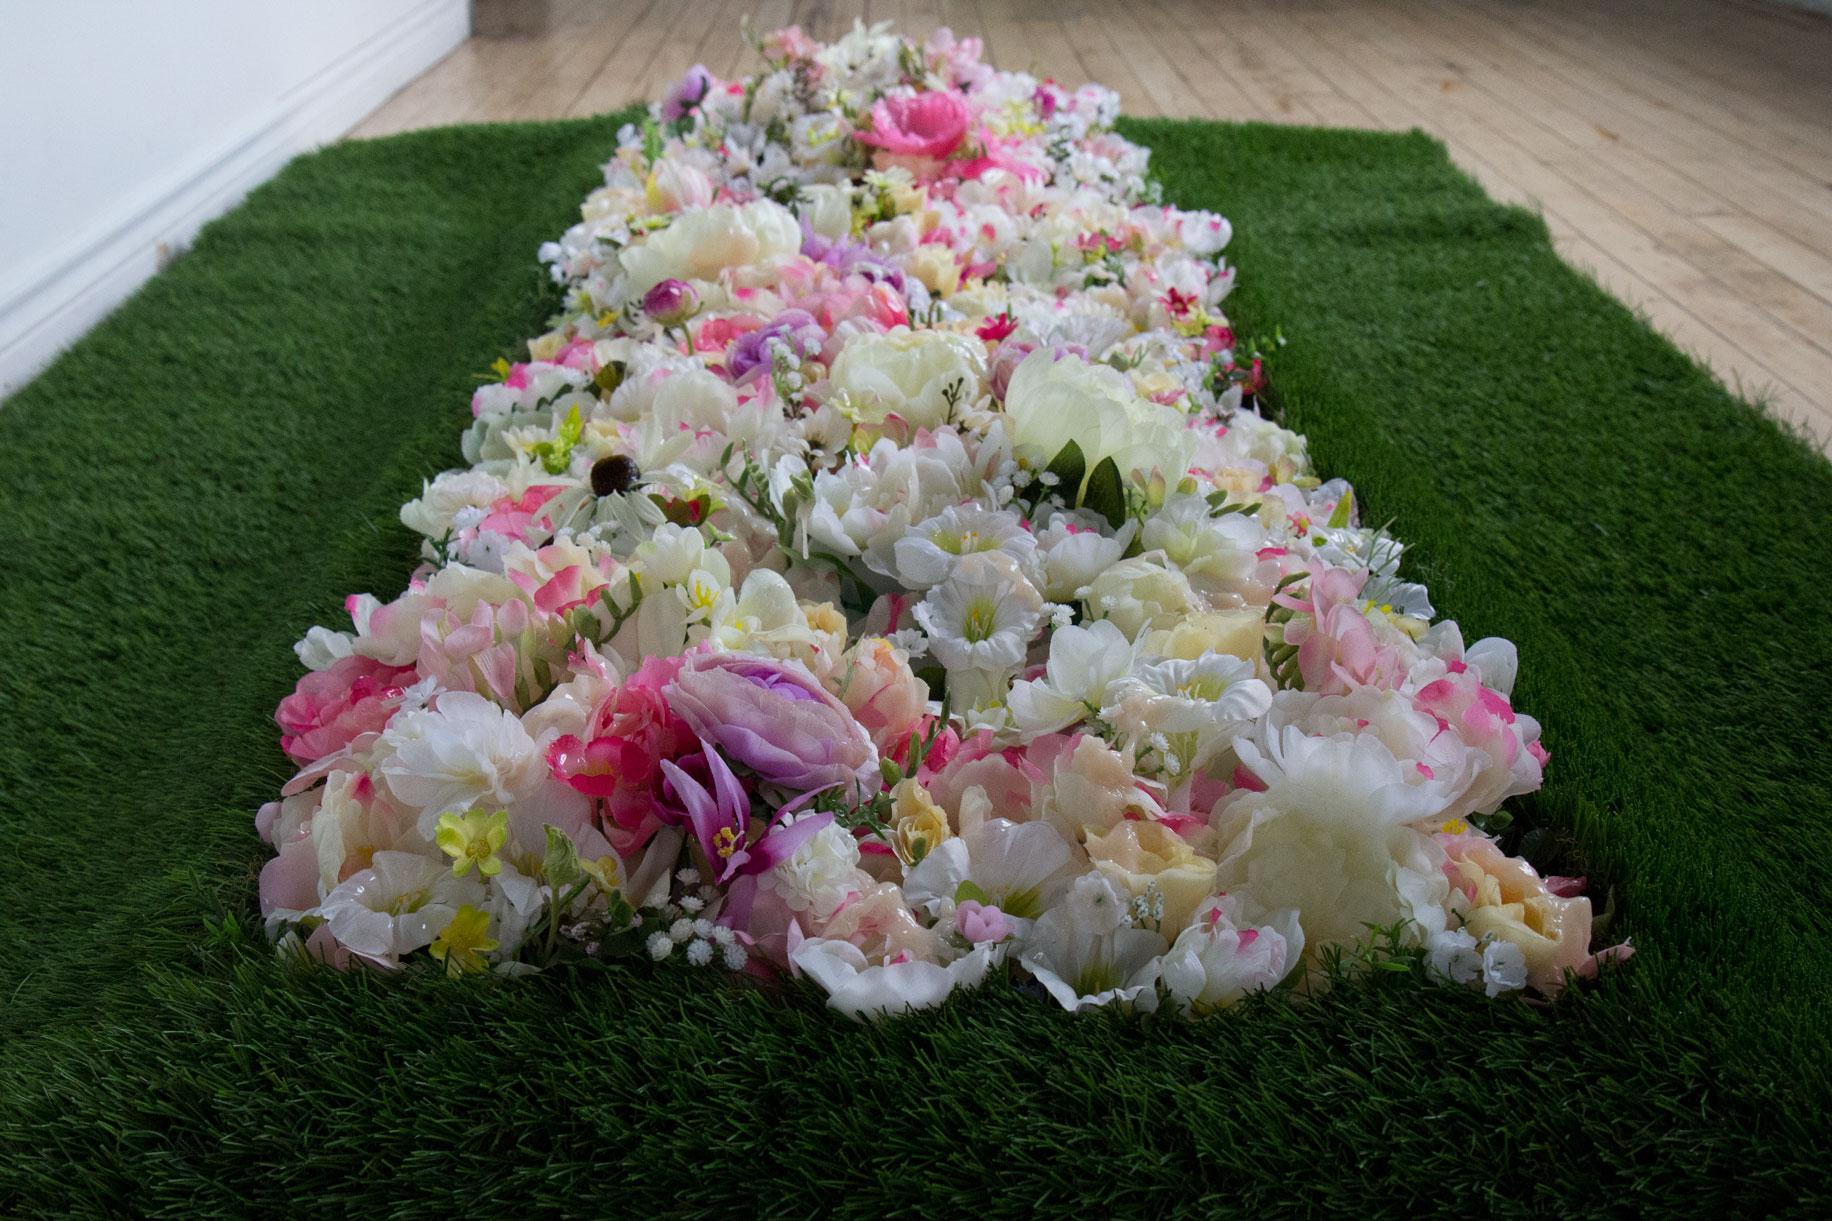 Burial(detail).jpg